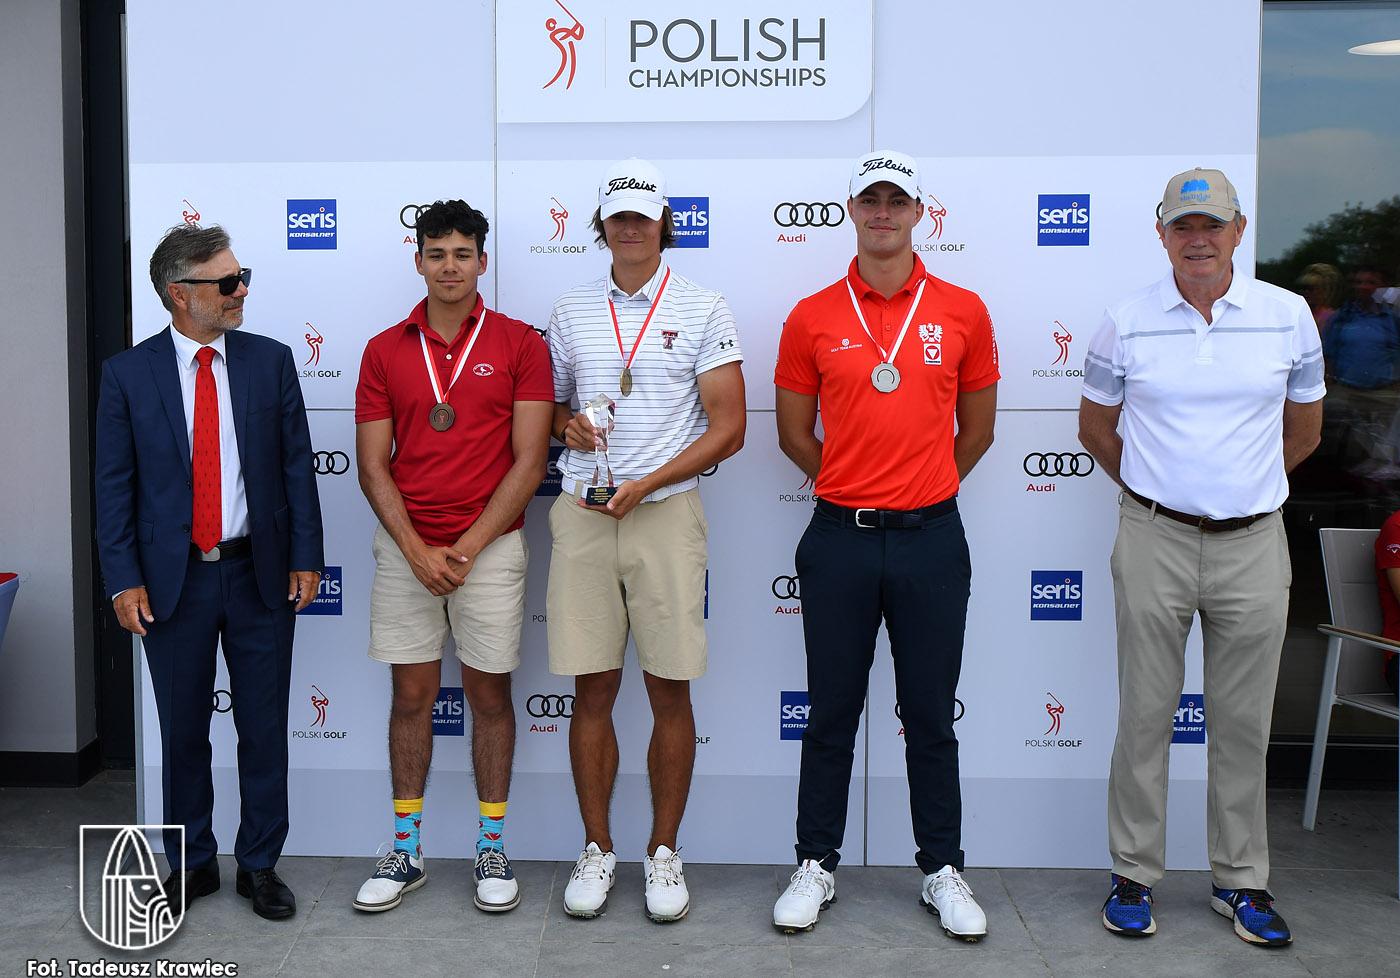 Choszczno - Mistrzostwa Polski w golfie 2021